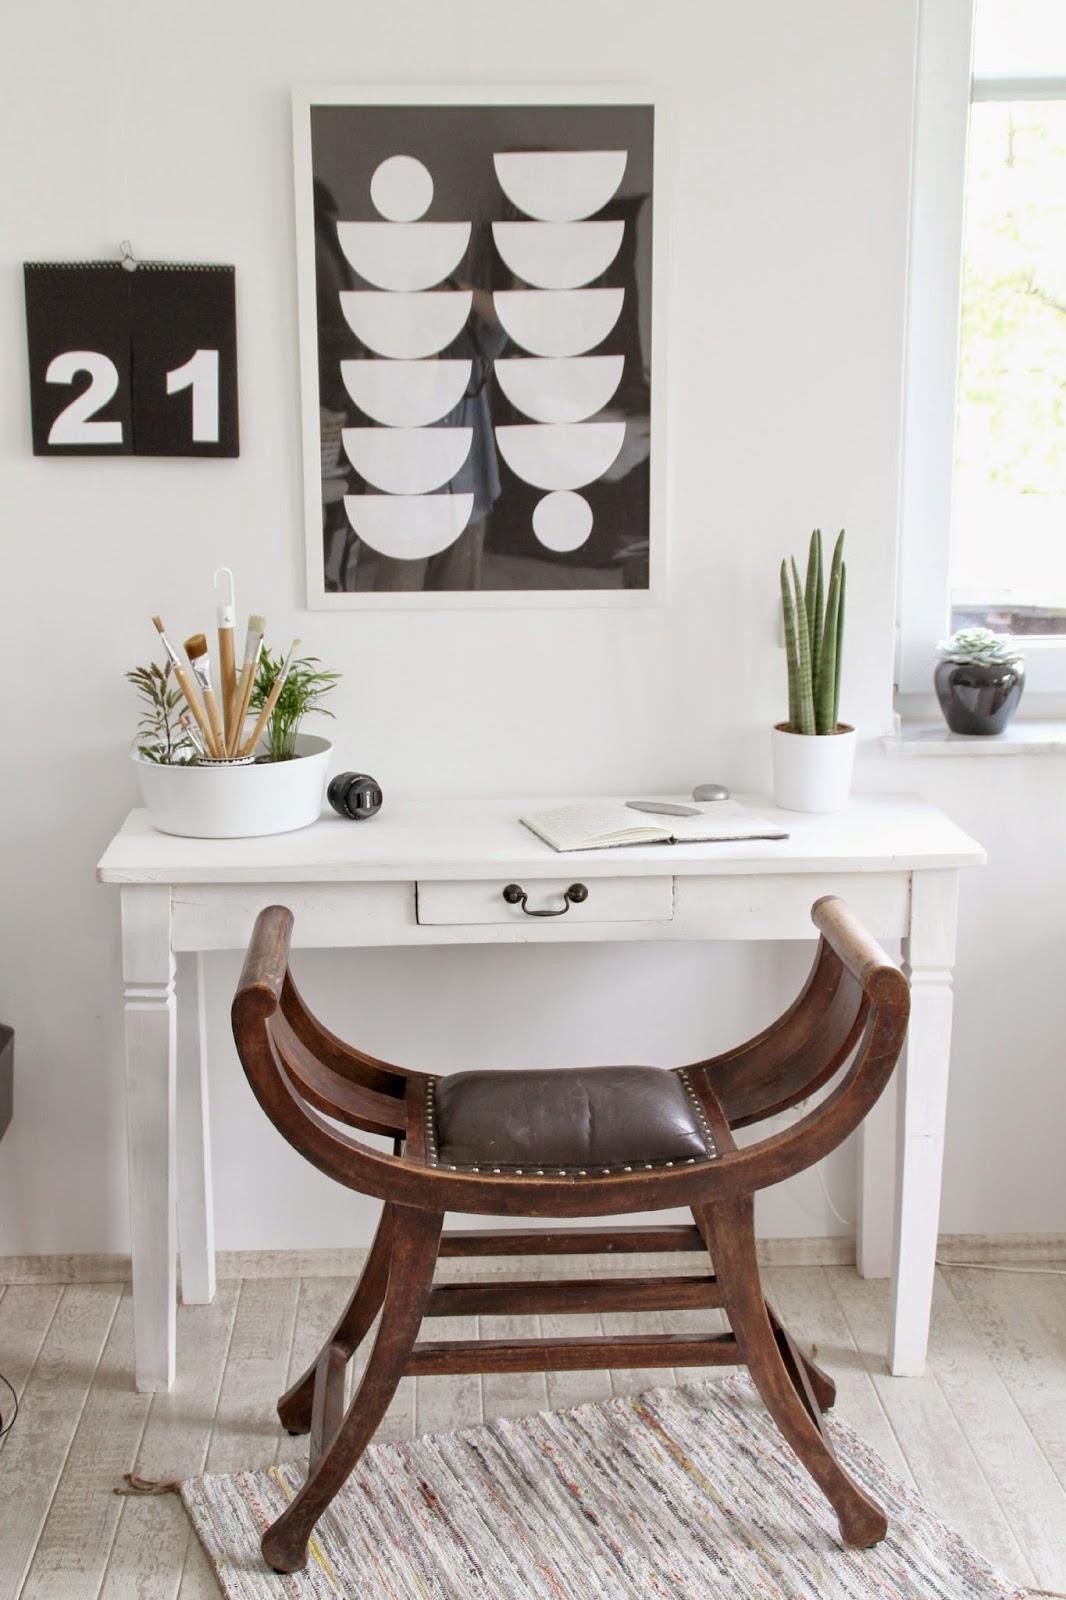 Hochwertig Schreibtischansicht Mit Blumenampel Bittergurka Von Ikea Als  Pinselaufbewahrung Im Hintergrund Schwarzweiß Bilder